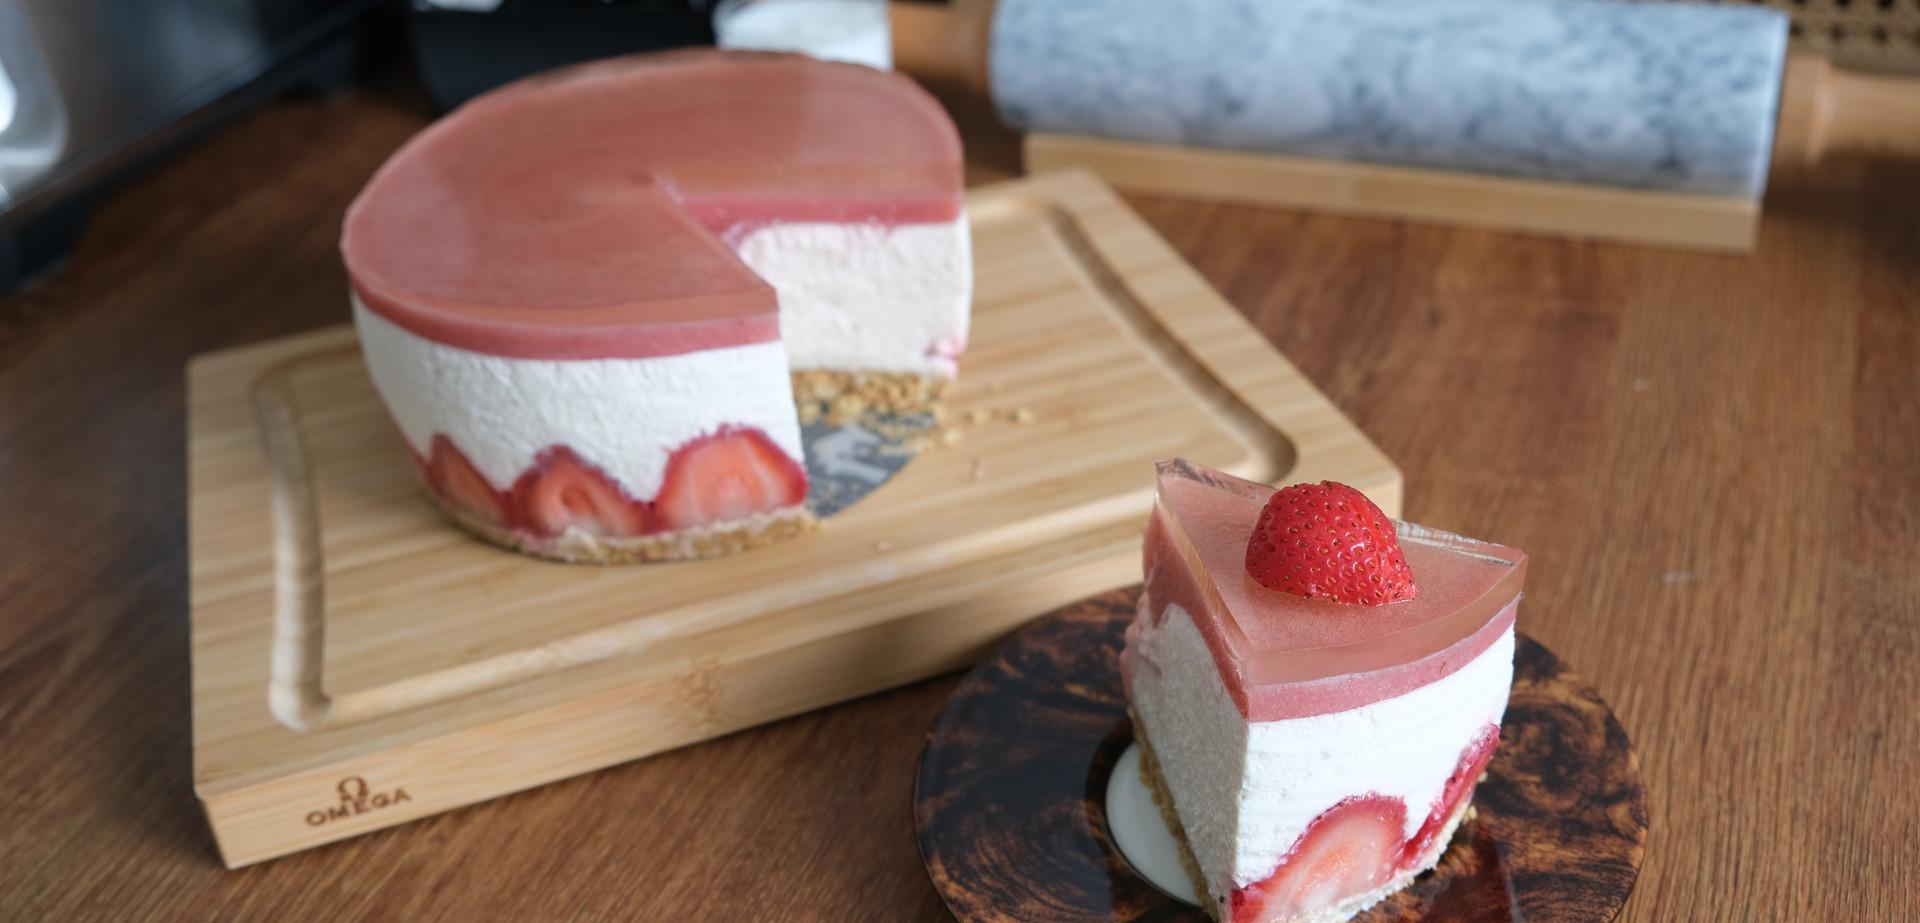 Strawberrry Cheesecake